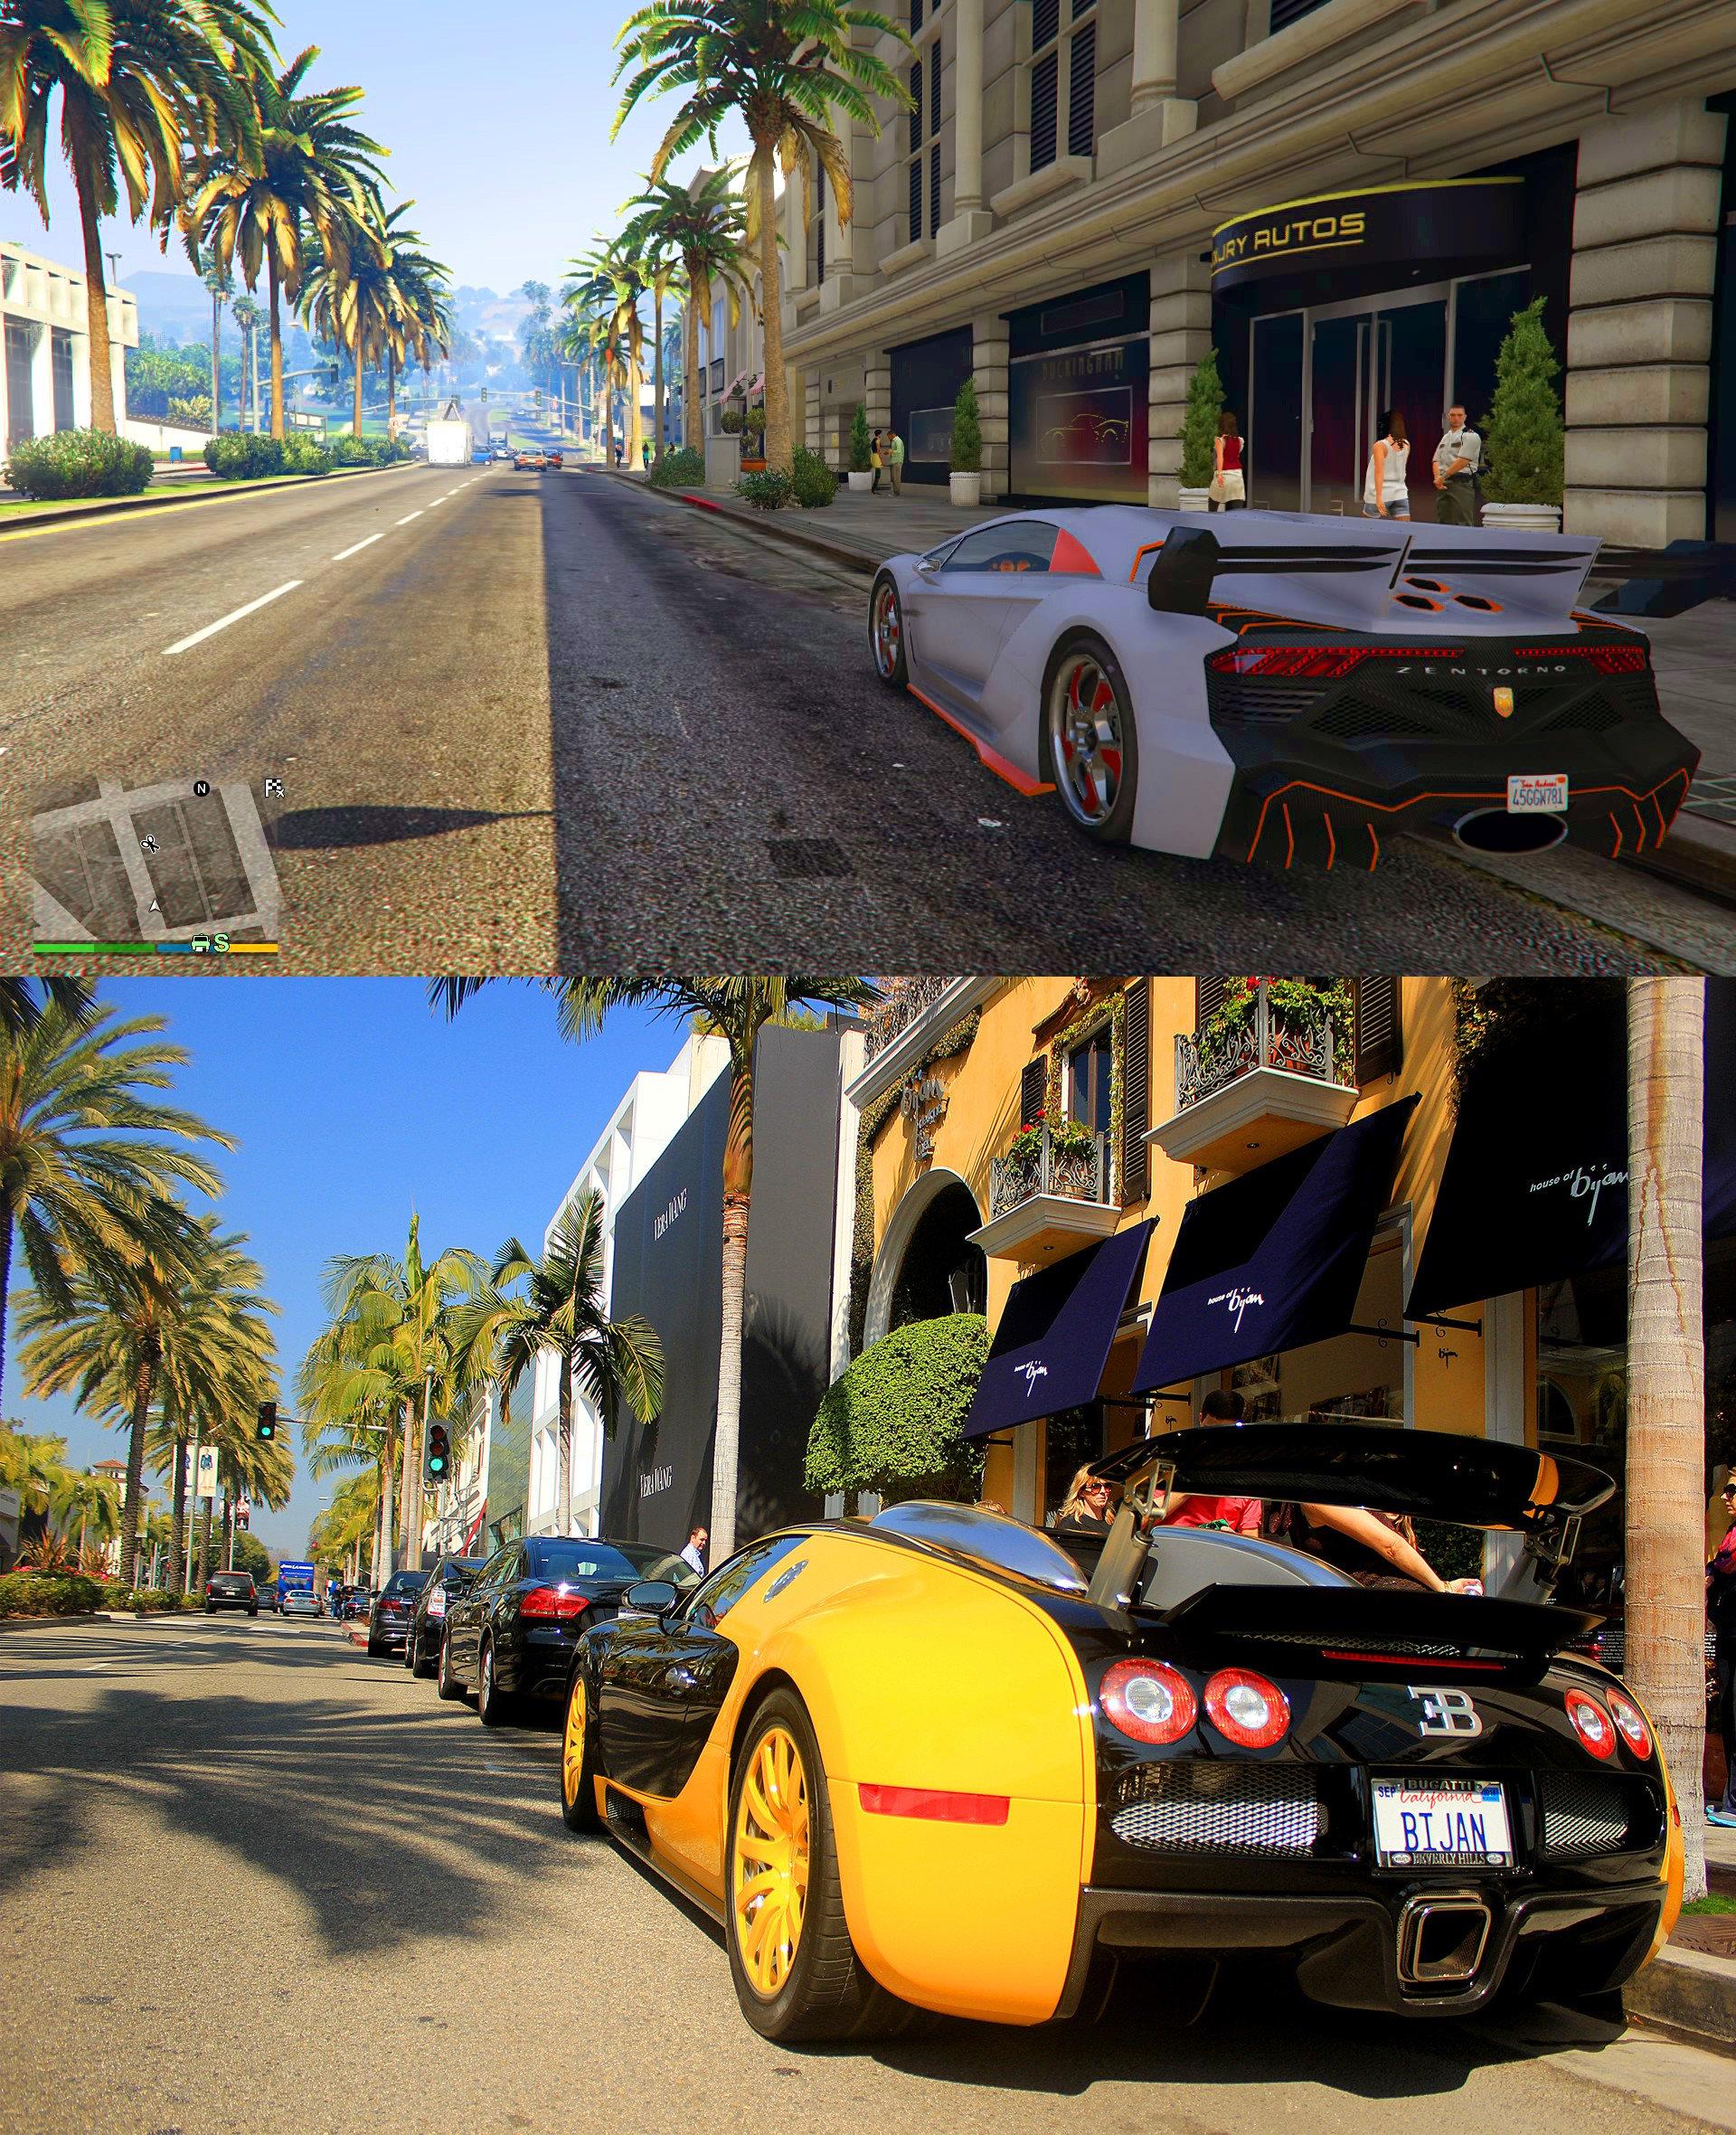 Gta V Los Santos Vs Real Life Los Angeles Comparison